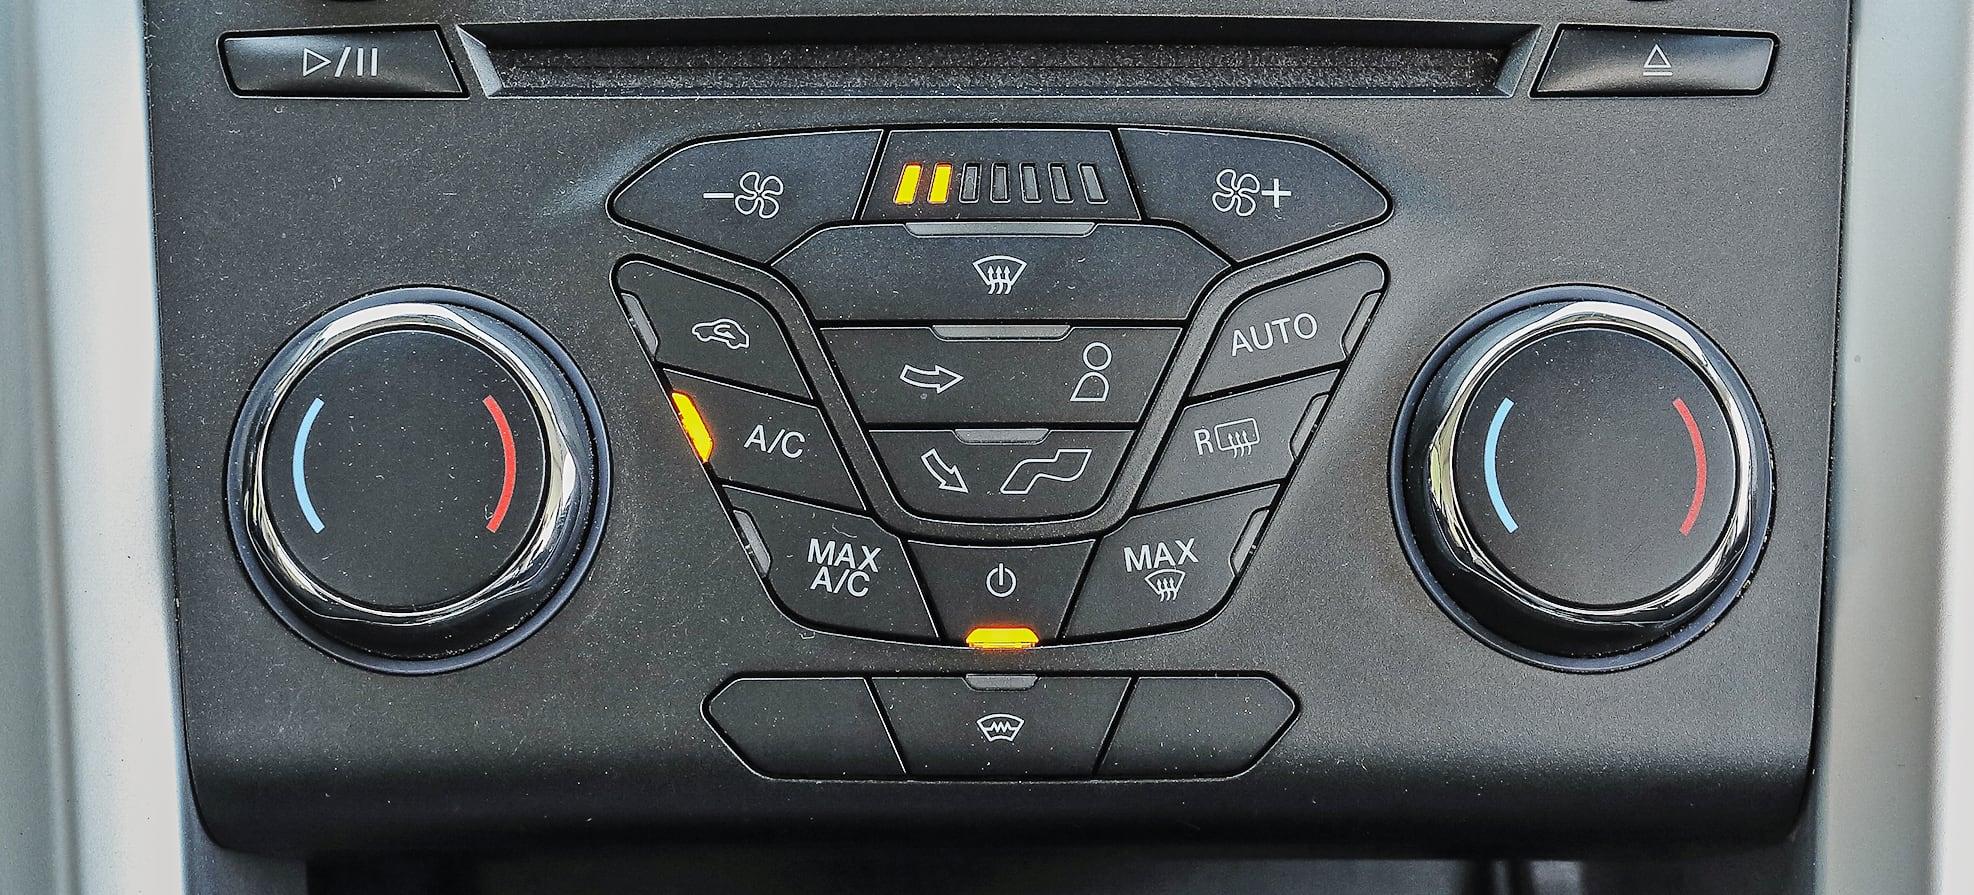 Ford Mondeo Mk5 2.0 TDCi klimatyzacja